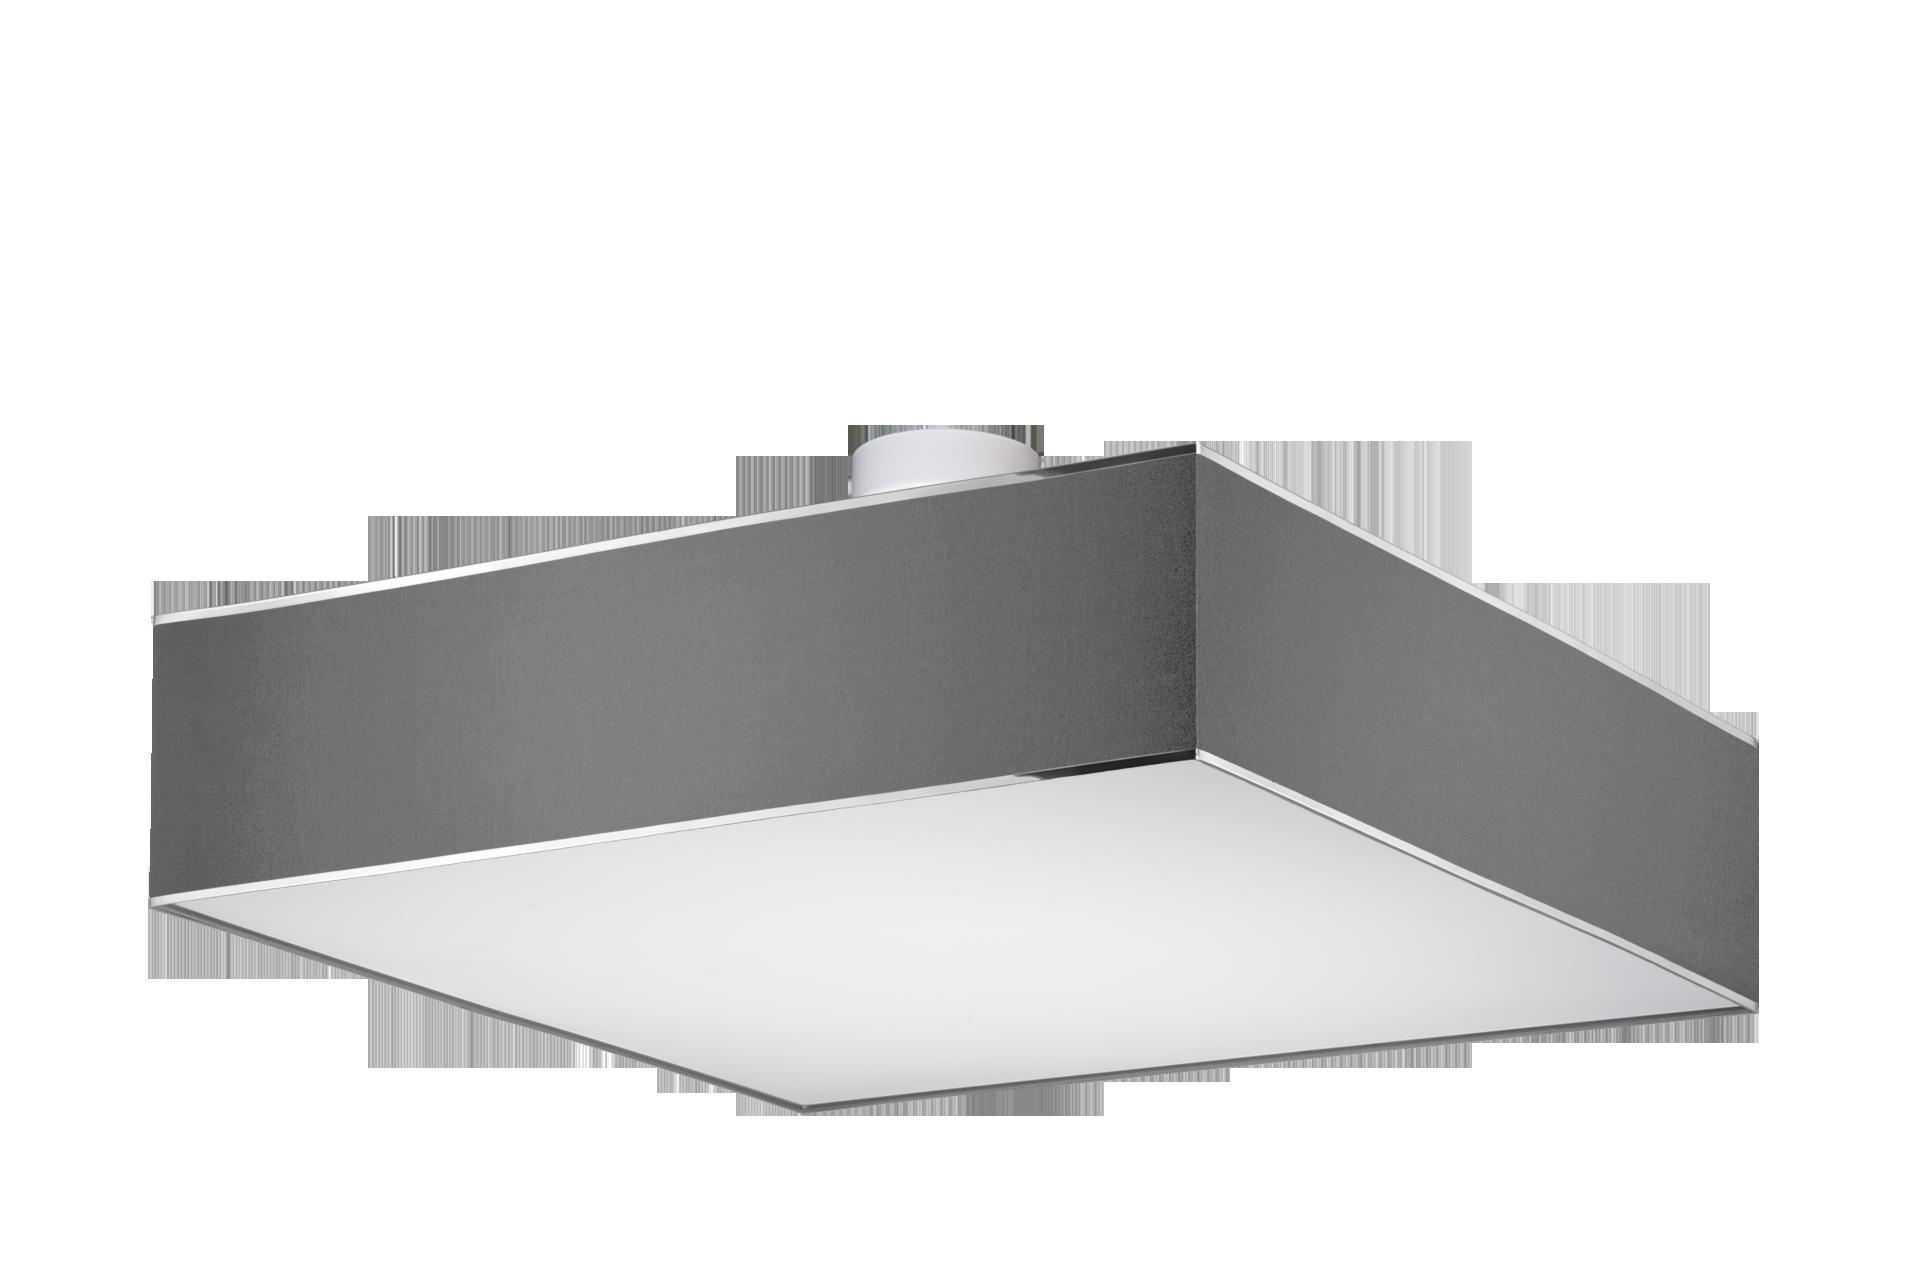 Full Size of Deckenleuchten Wohnzimmer Deckenlampe Qube Stone Led Lampen Stehleuchte Pendelleuchte Bilder Fürs Lampe Schlafzimmer Teppich Großes Bild Heizkörper Wohnzimmer Deckenleuchten Wohnzimmer